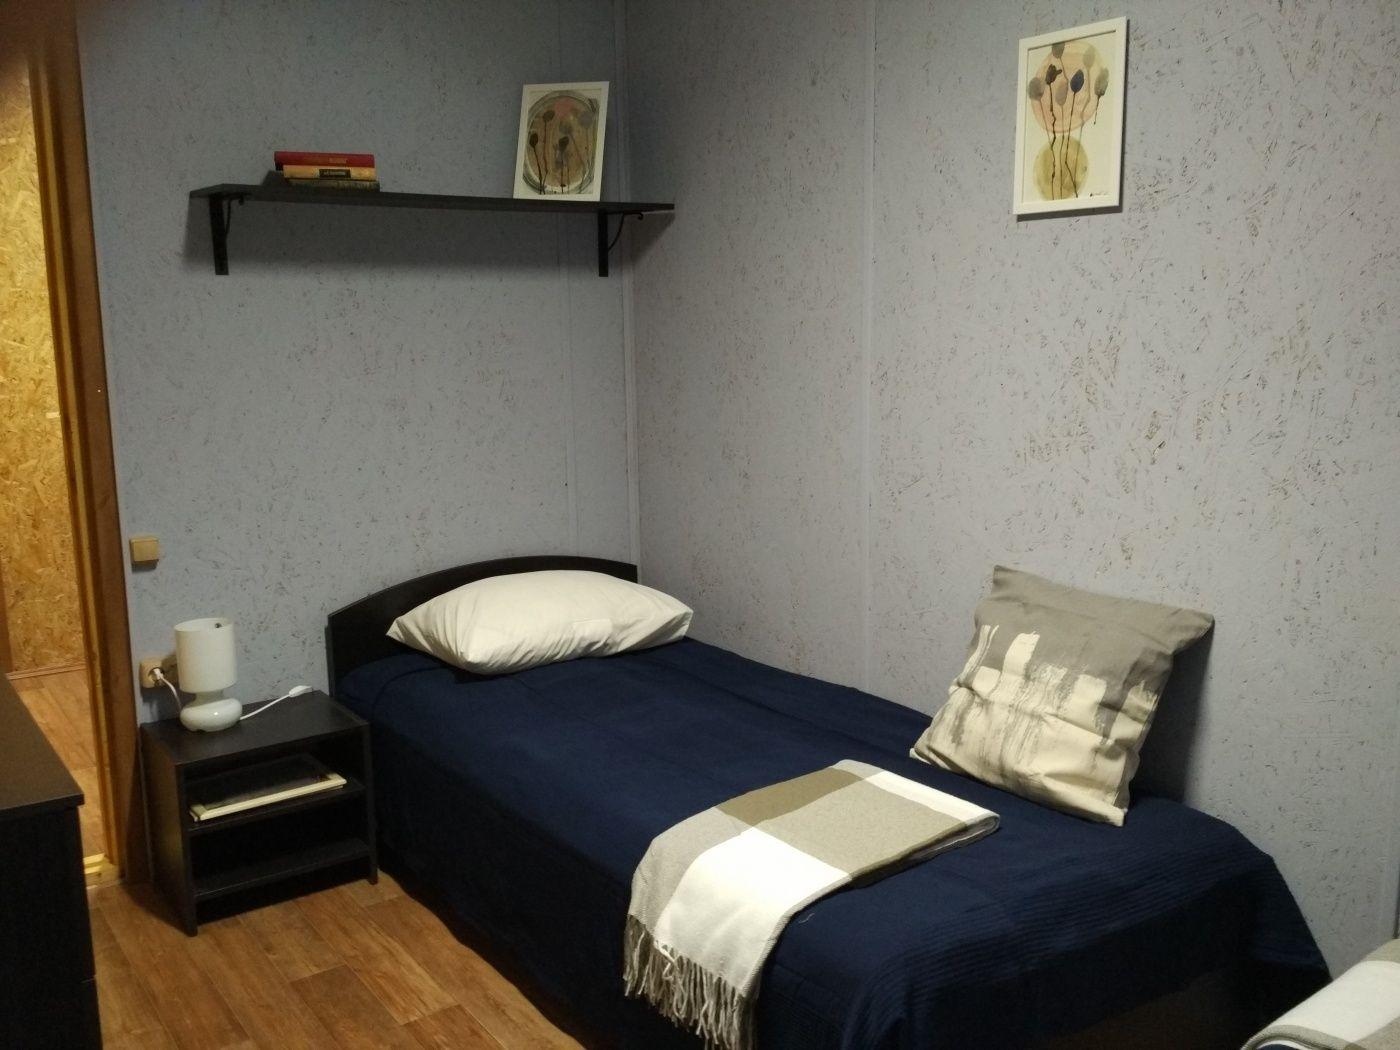 База отдыха «Ново Поле» Тульская область 2-местный номер в Малом гостевом доме, фото 2